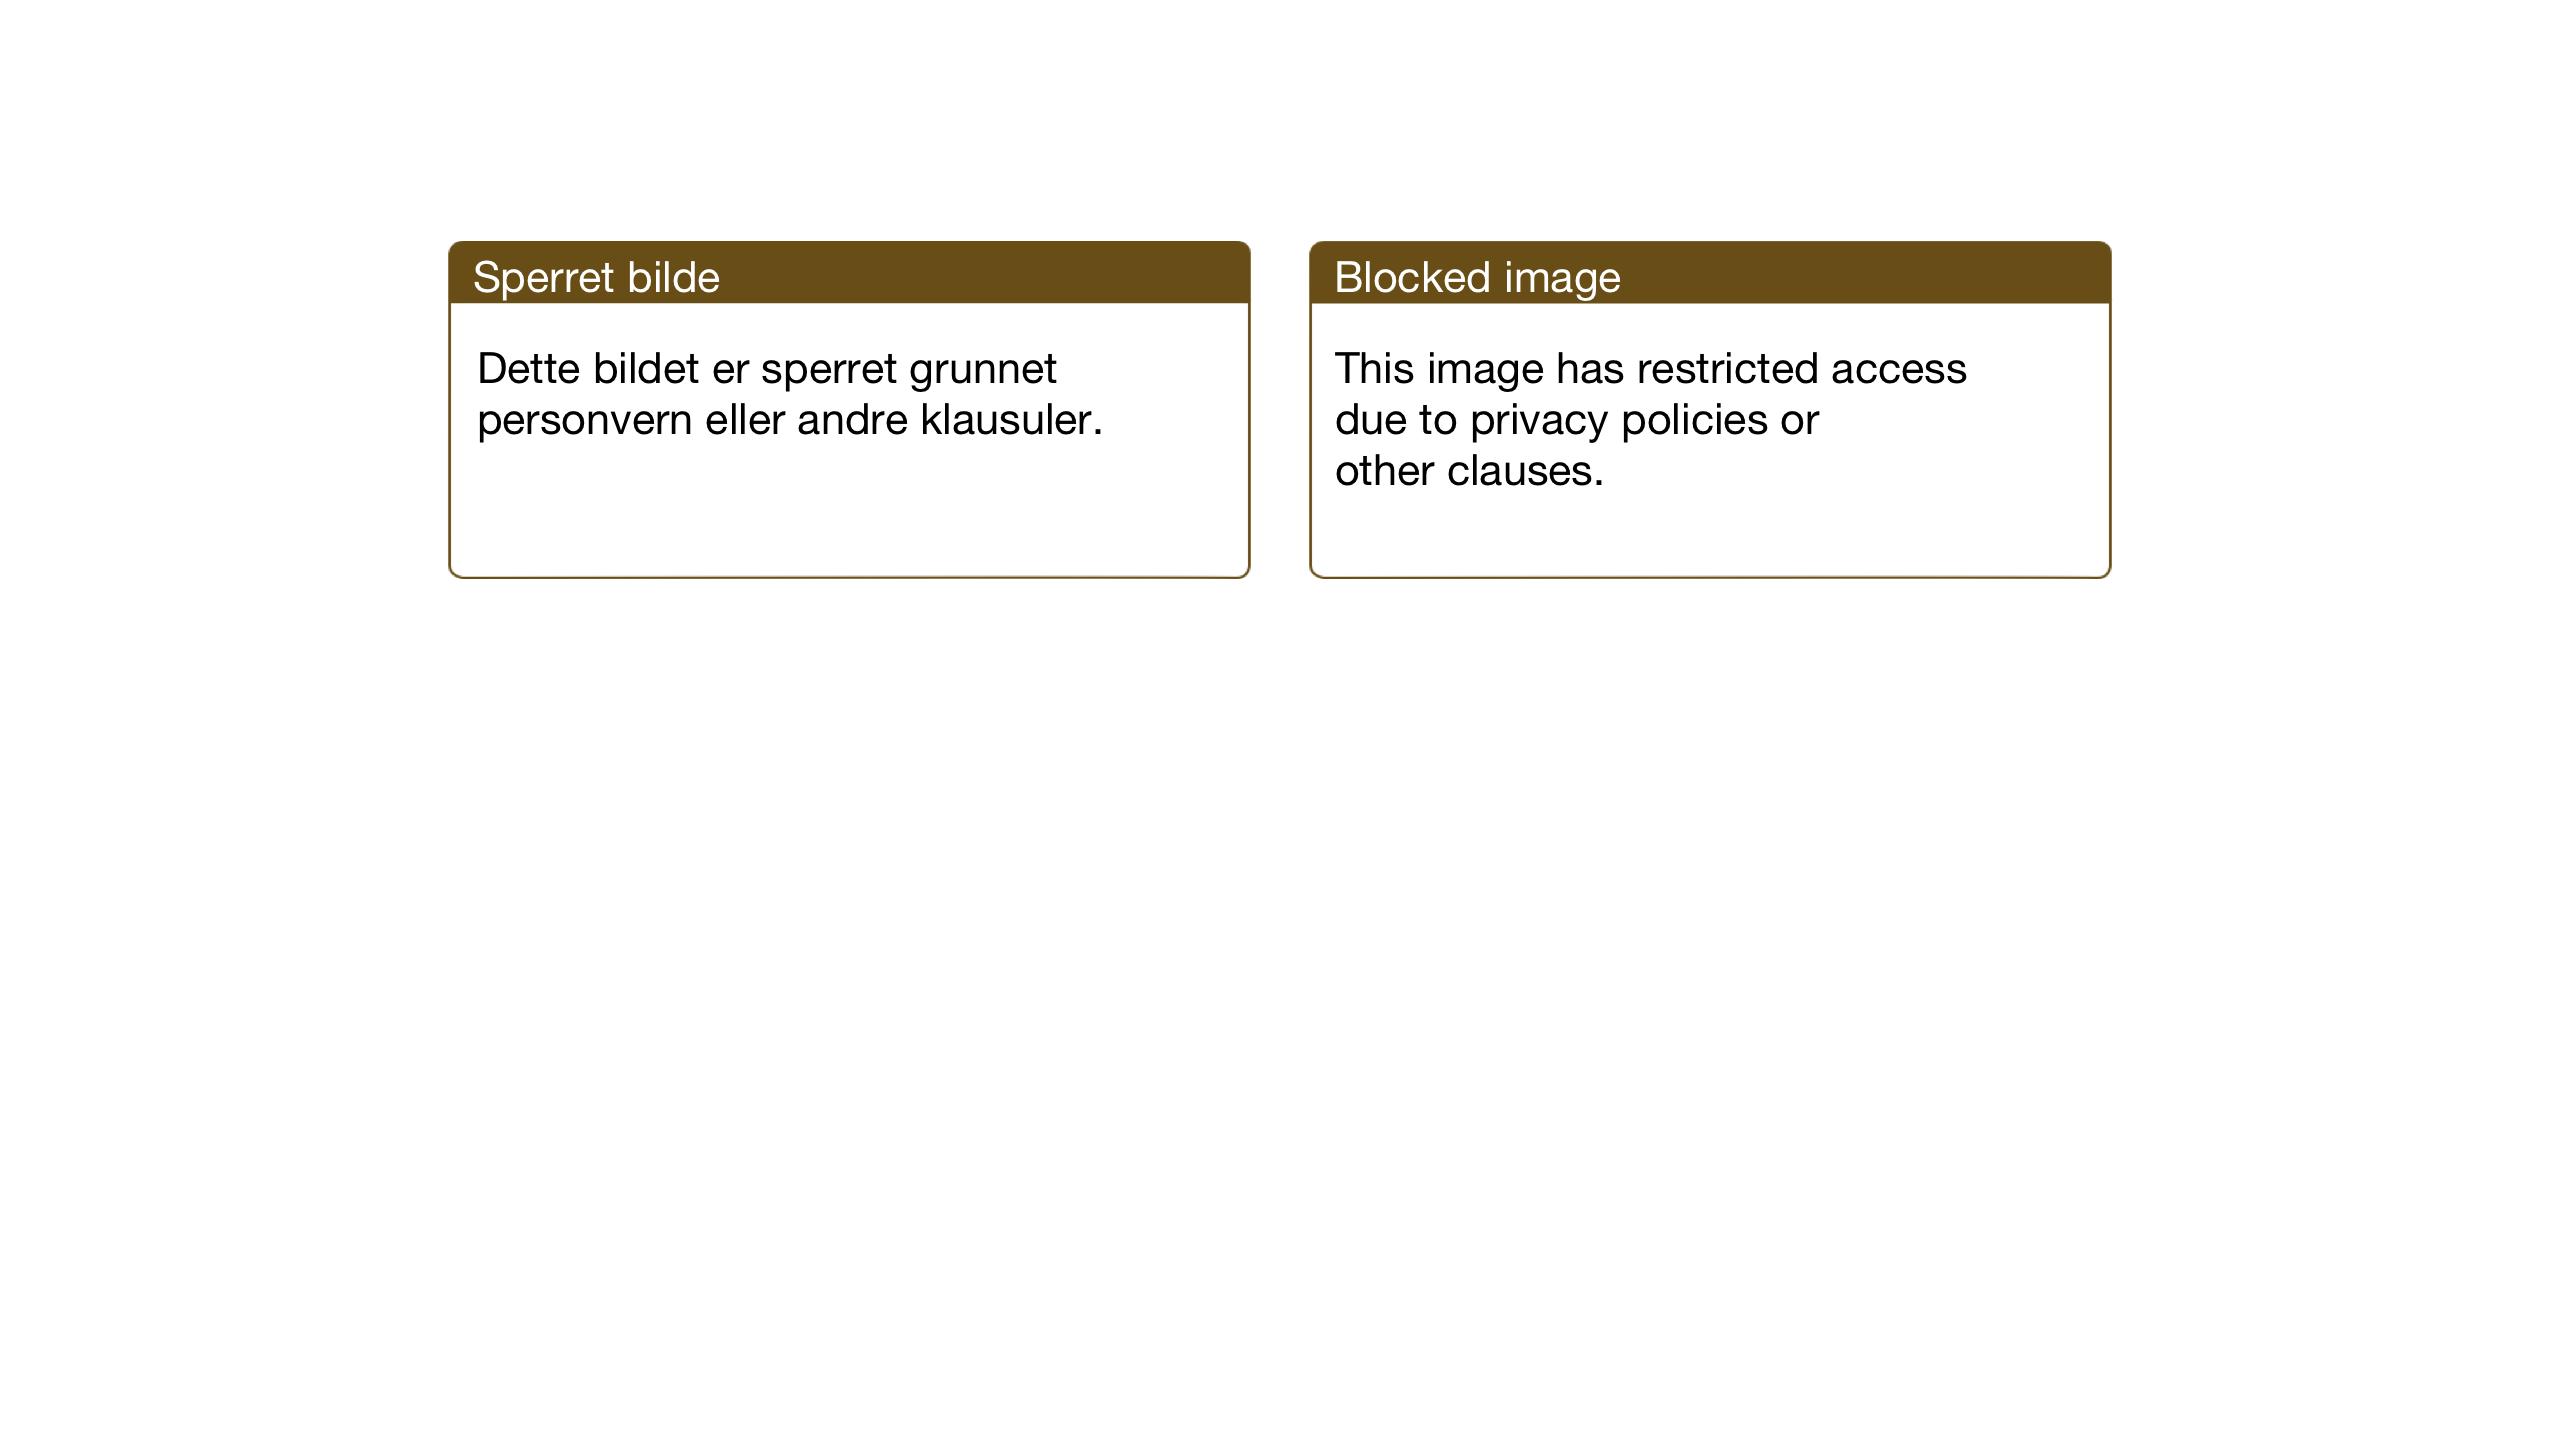 SAT, Ministerialprotokoller, klokkerbøker og fødselsregistre - Sør-Trøndelag, 662/L0758: Klokkerbok nr. 662C03, 1918-1948, s. 77